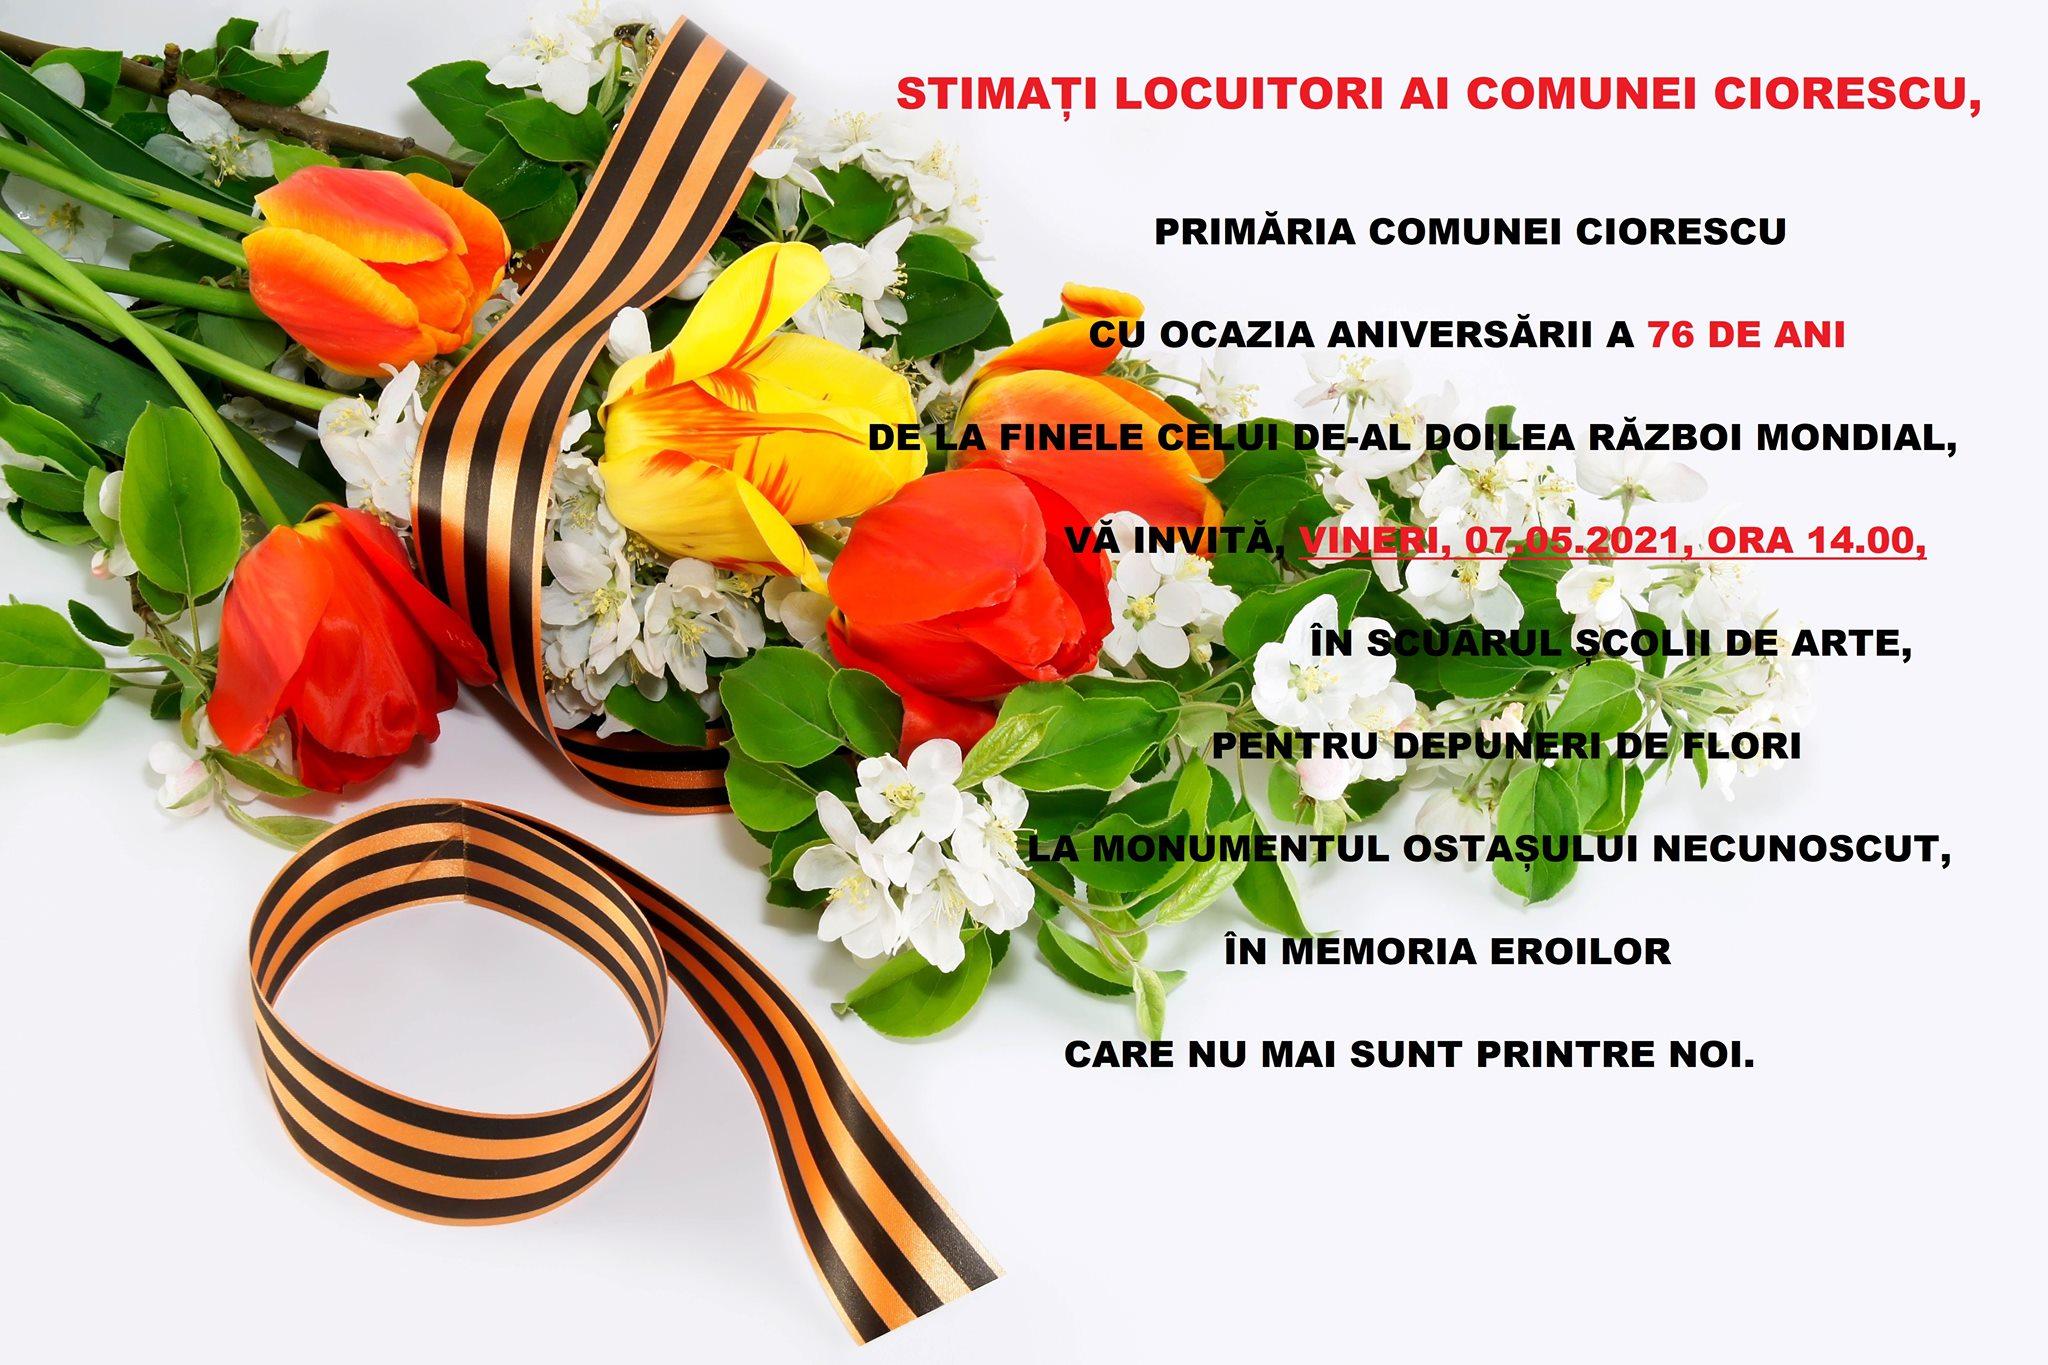 Primăria Comunei Ciorescu vă invită